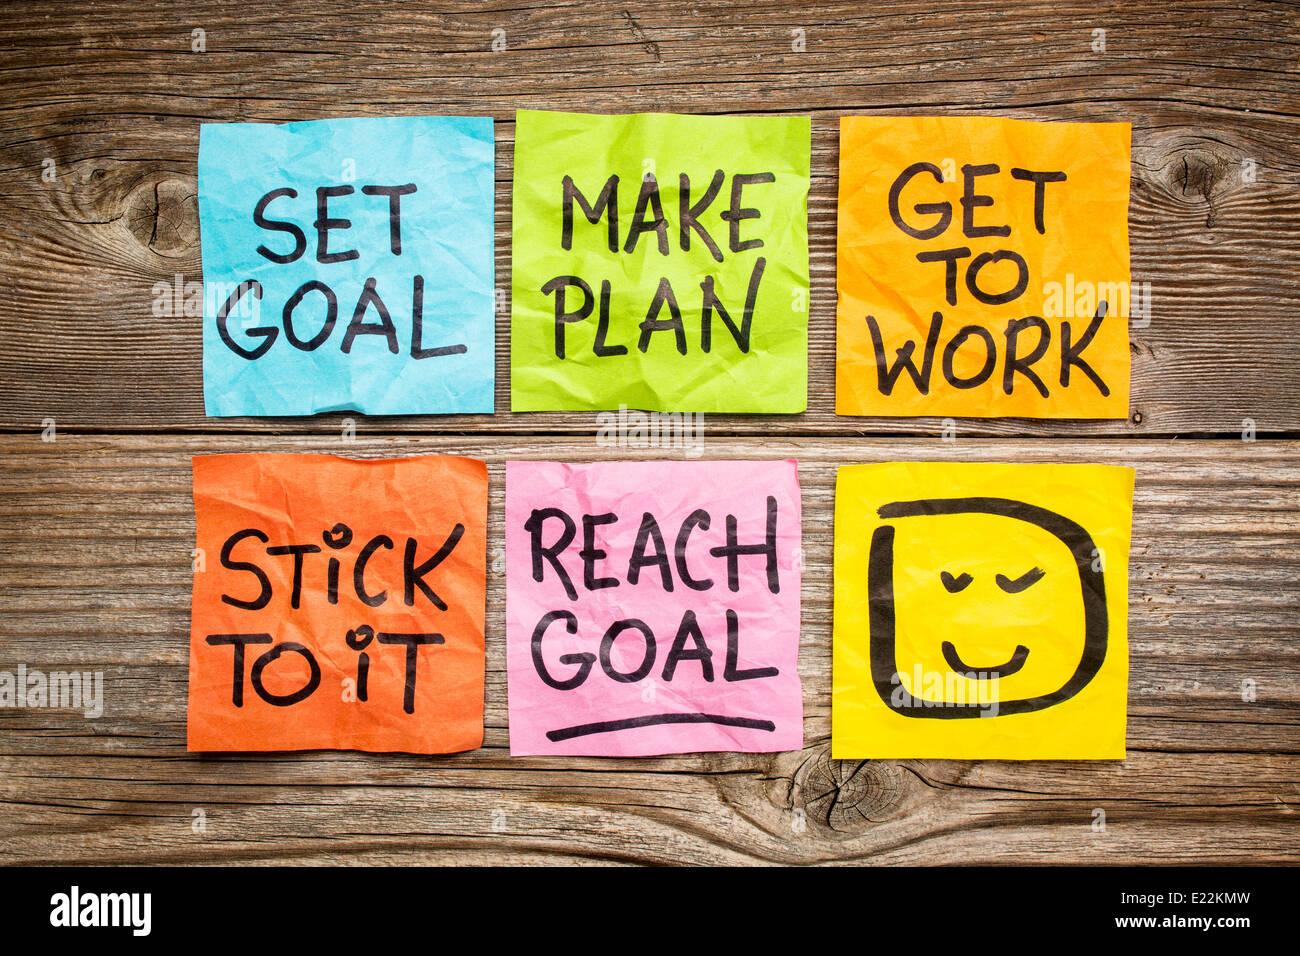 L'objectif défini, faire de plan, travailler, s'y tenir, atteindre l'objectif - un succès Photo Stock